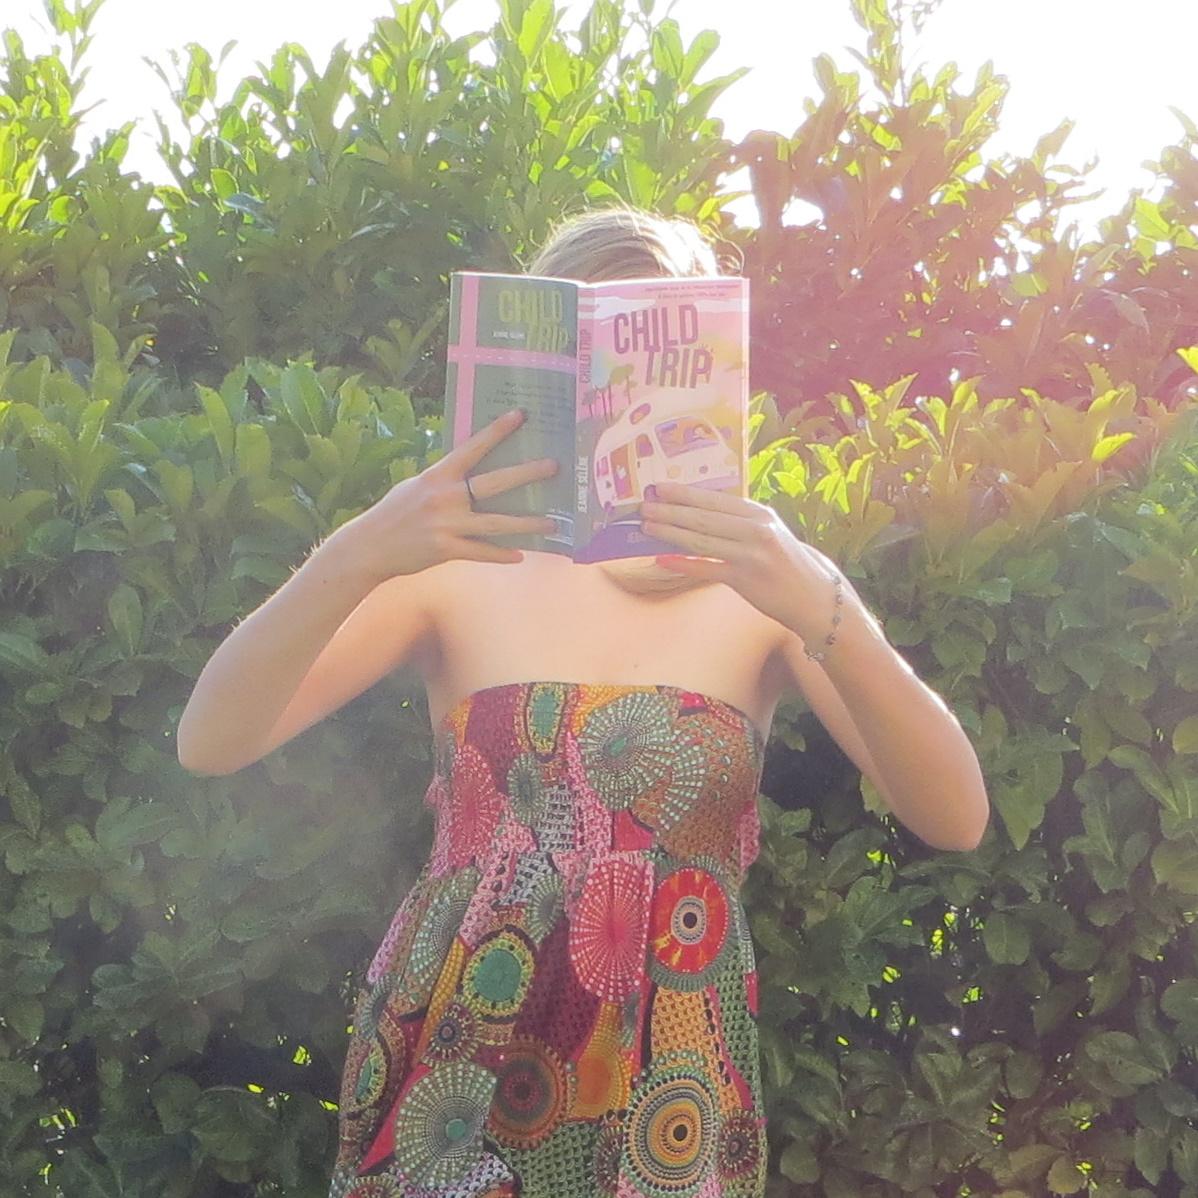 fille en robe bustier multicolore lisant Child Trip devant une haie, illuminée par le soleil